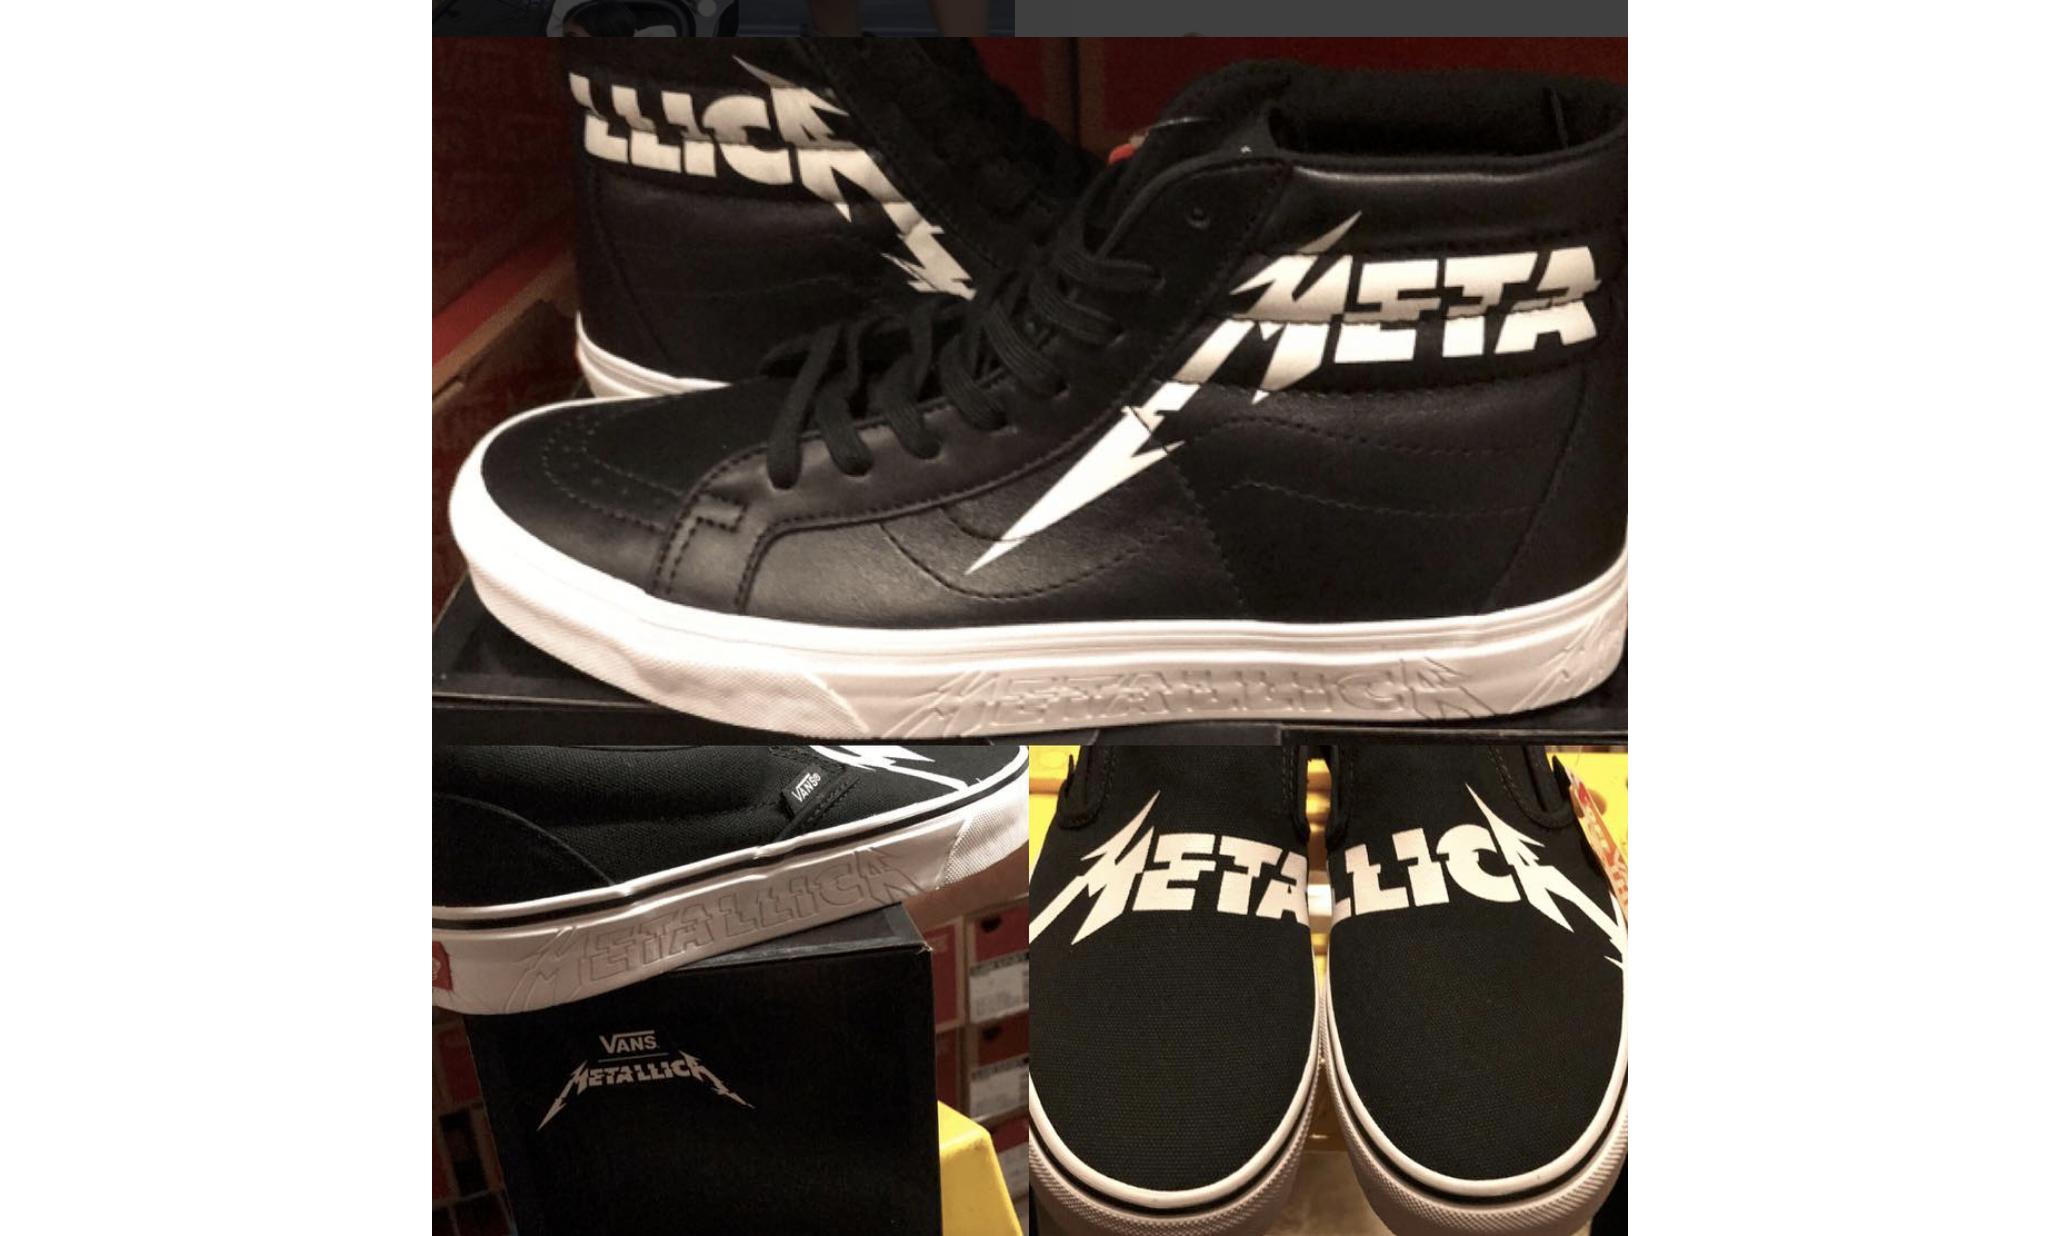 Vans × Metallica 联名鞋款谍照曝光